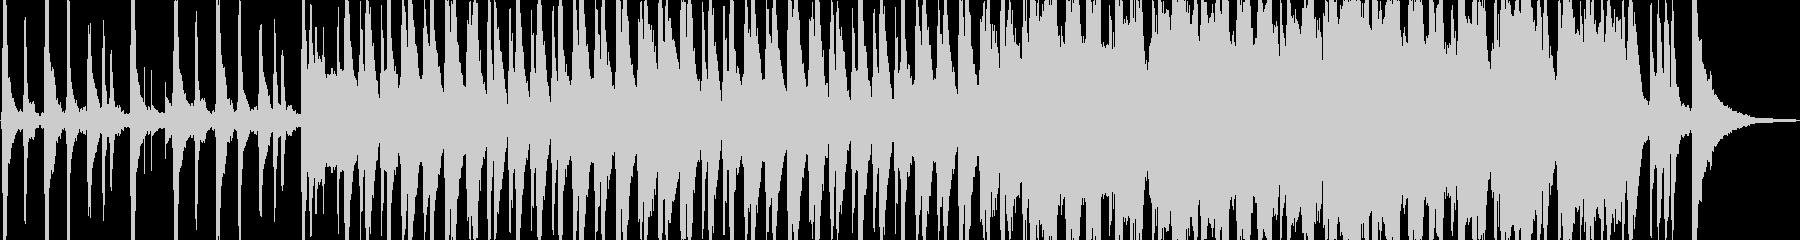 ほのぼの癒しオーケストラの未再生の波形